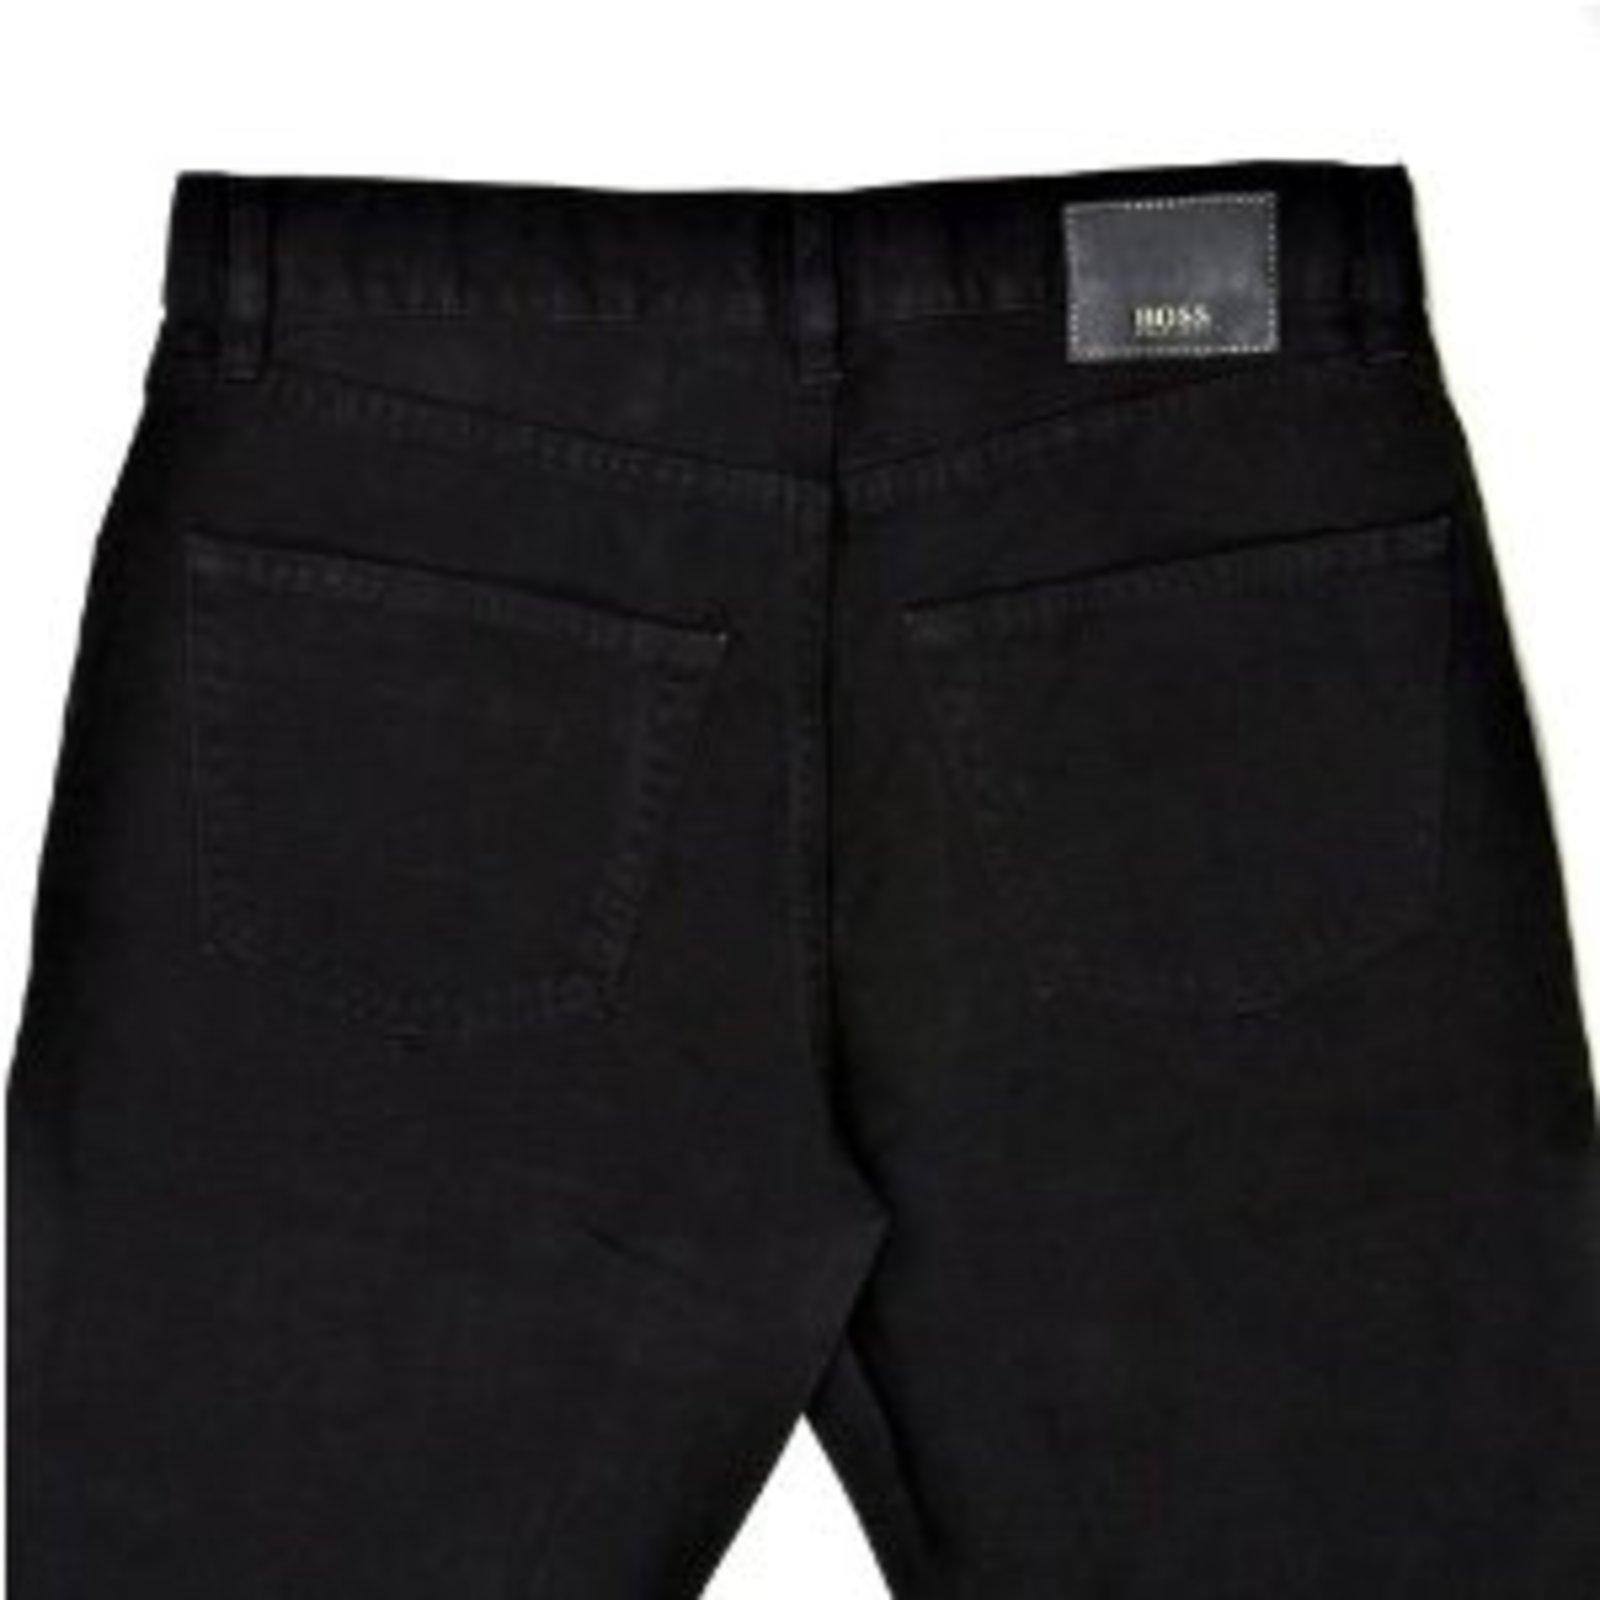 Boss Black Jeans Arkansas 16727 Boss0436 Hugo Boss Denim